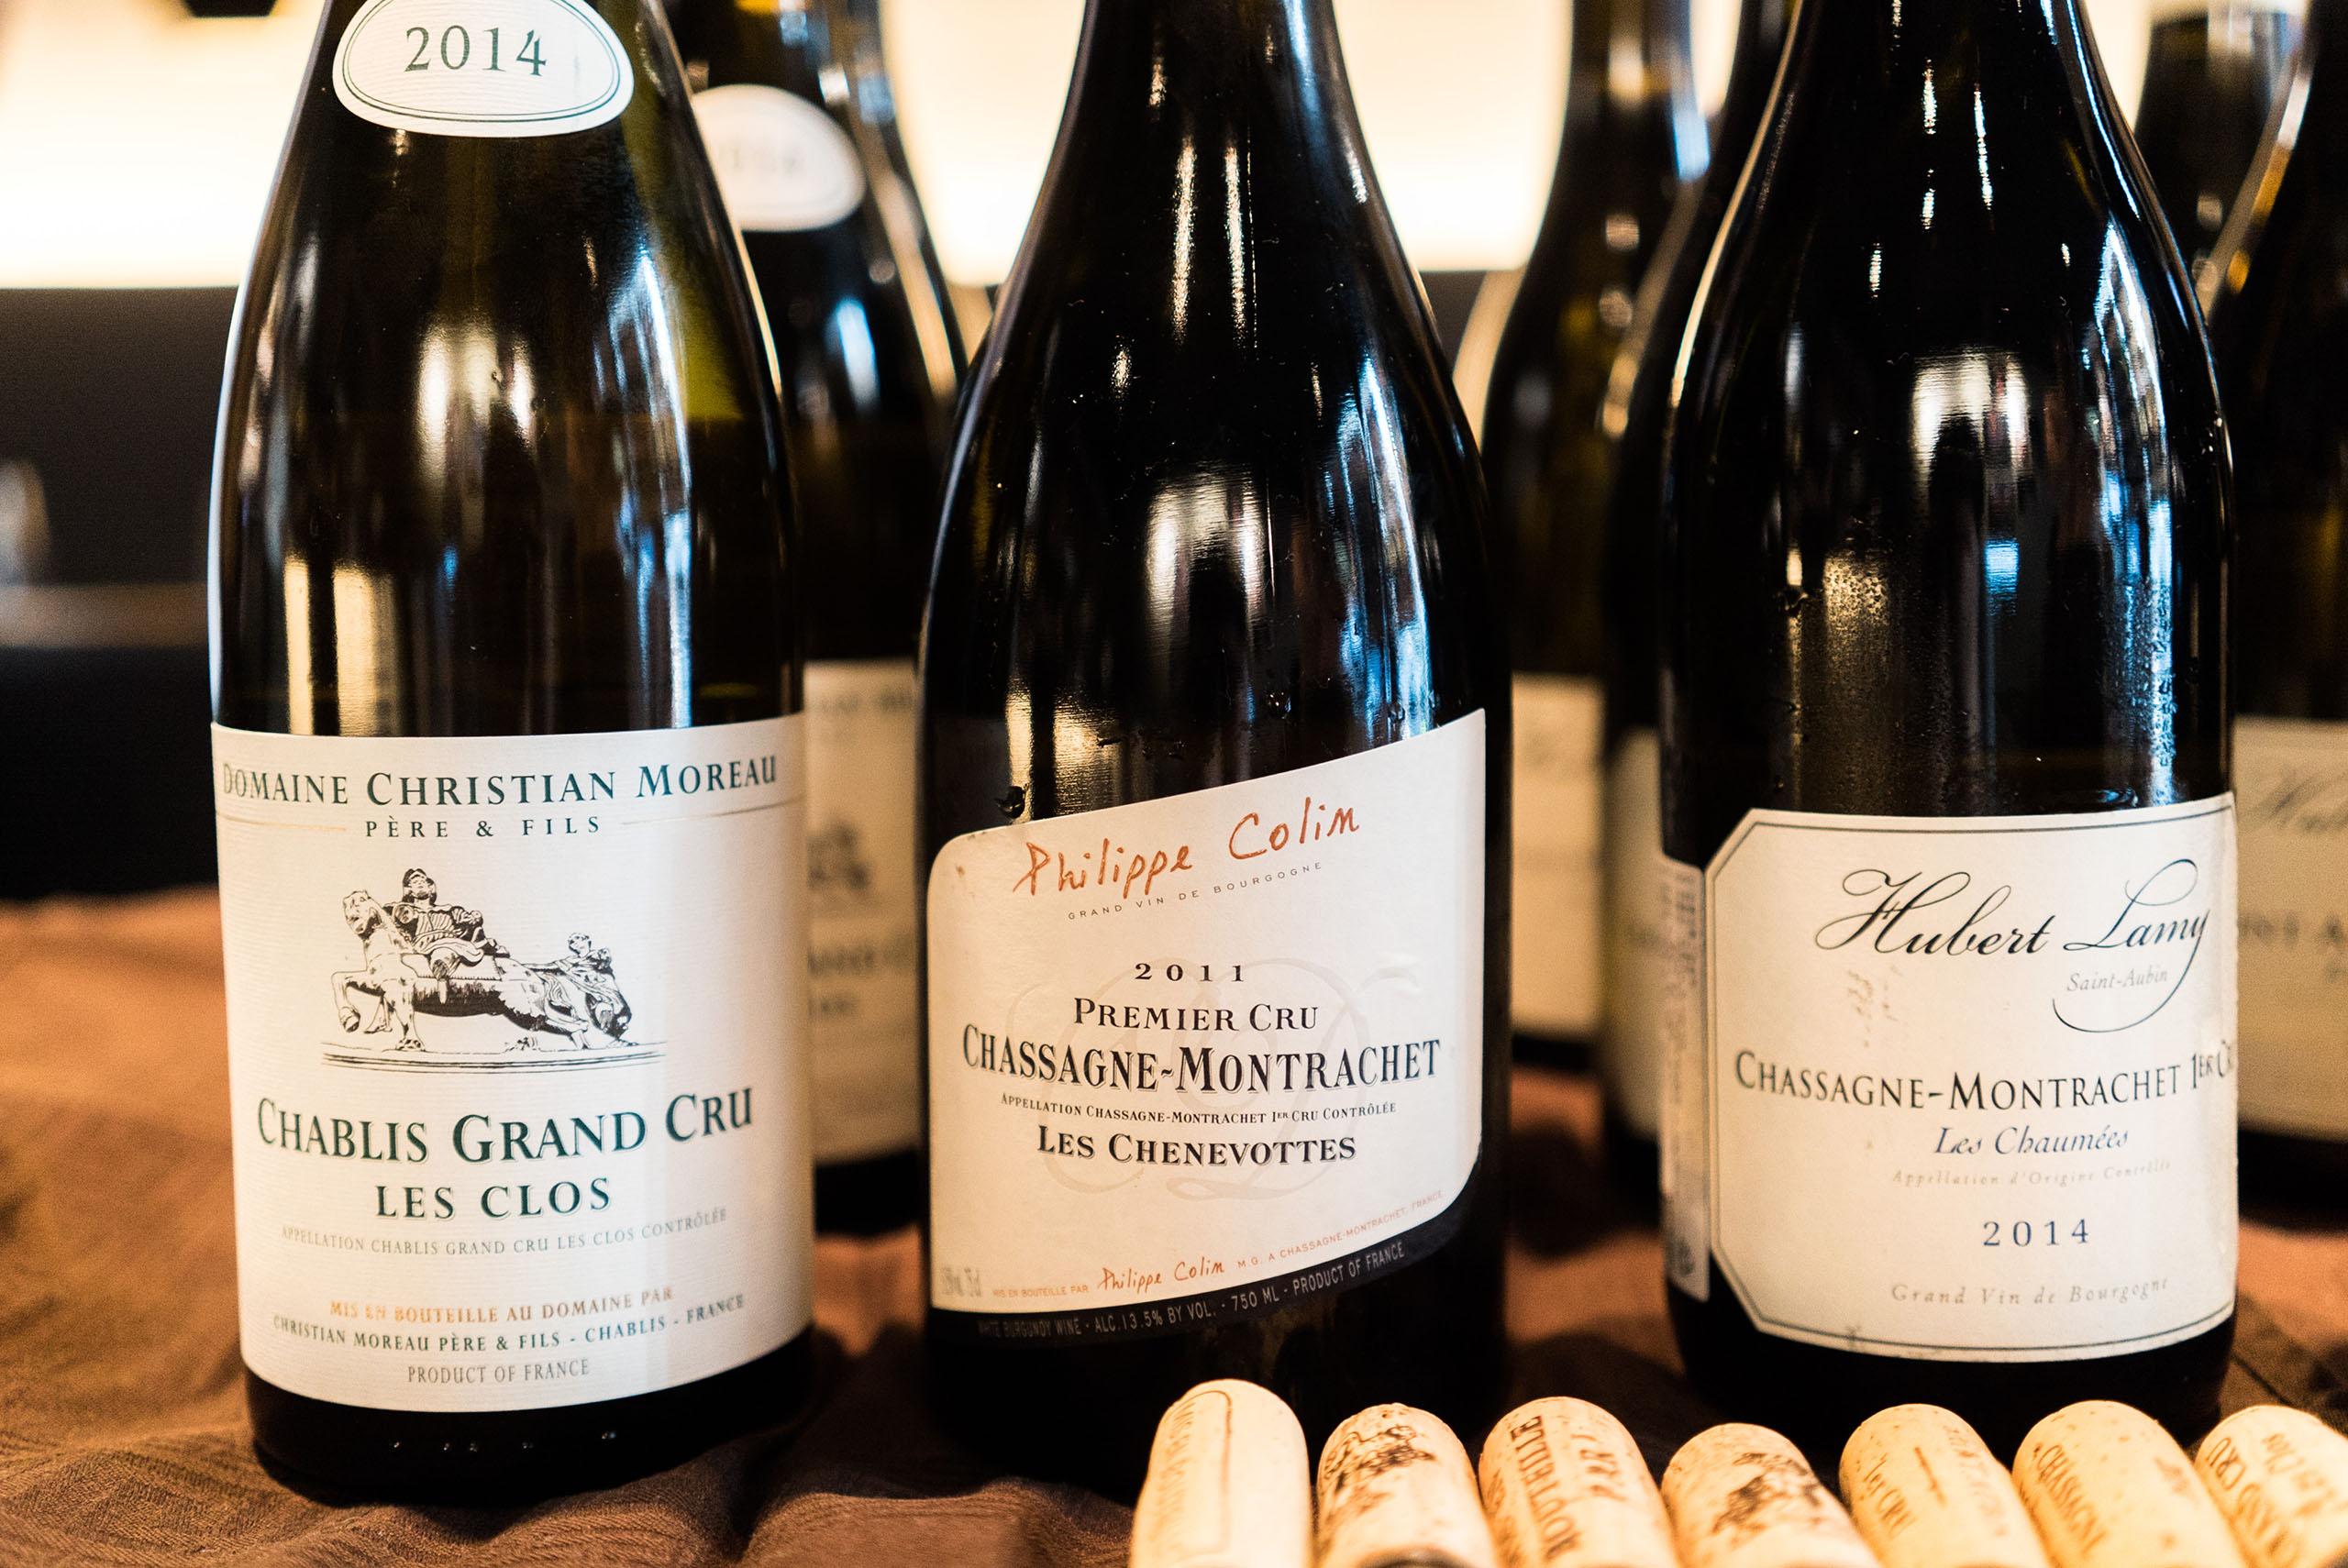 Phillip Colin Chassagne Montrachet 1er Les Chevonette 2011